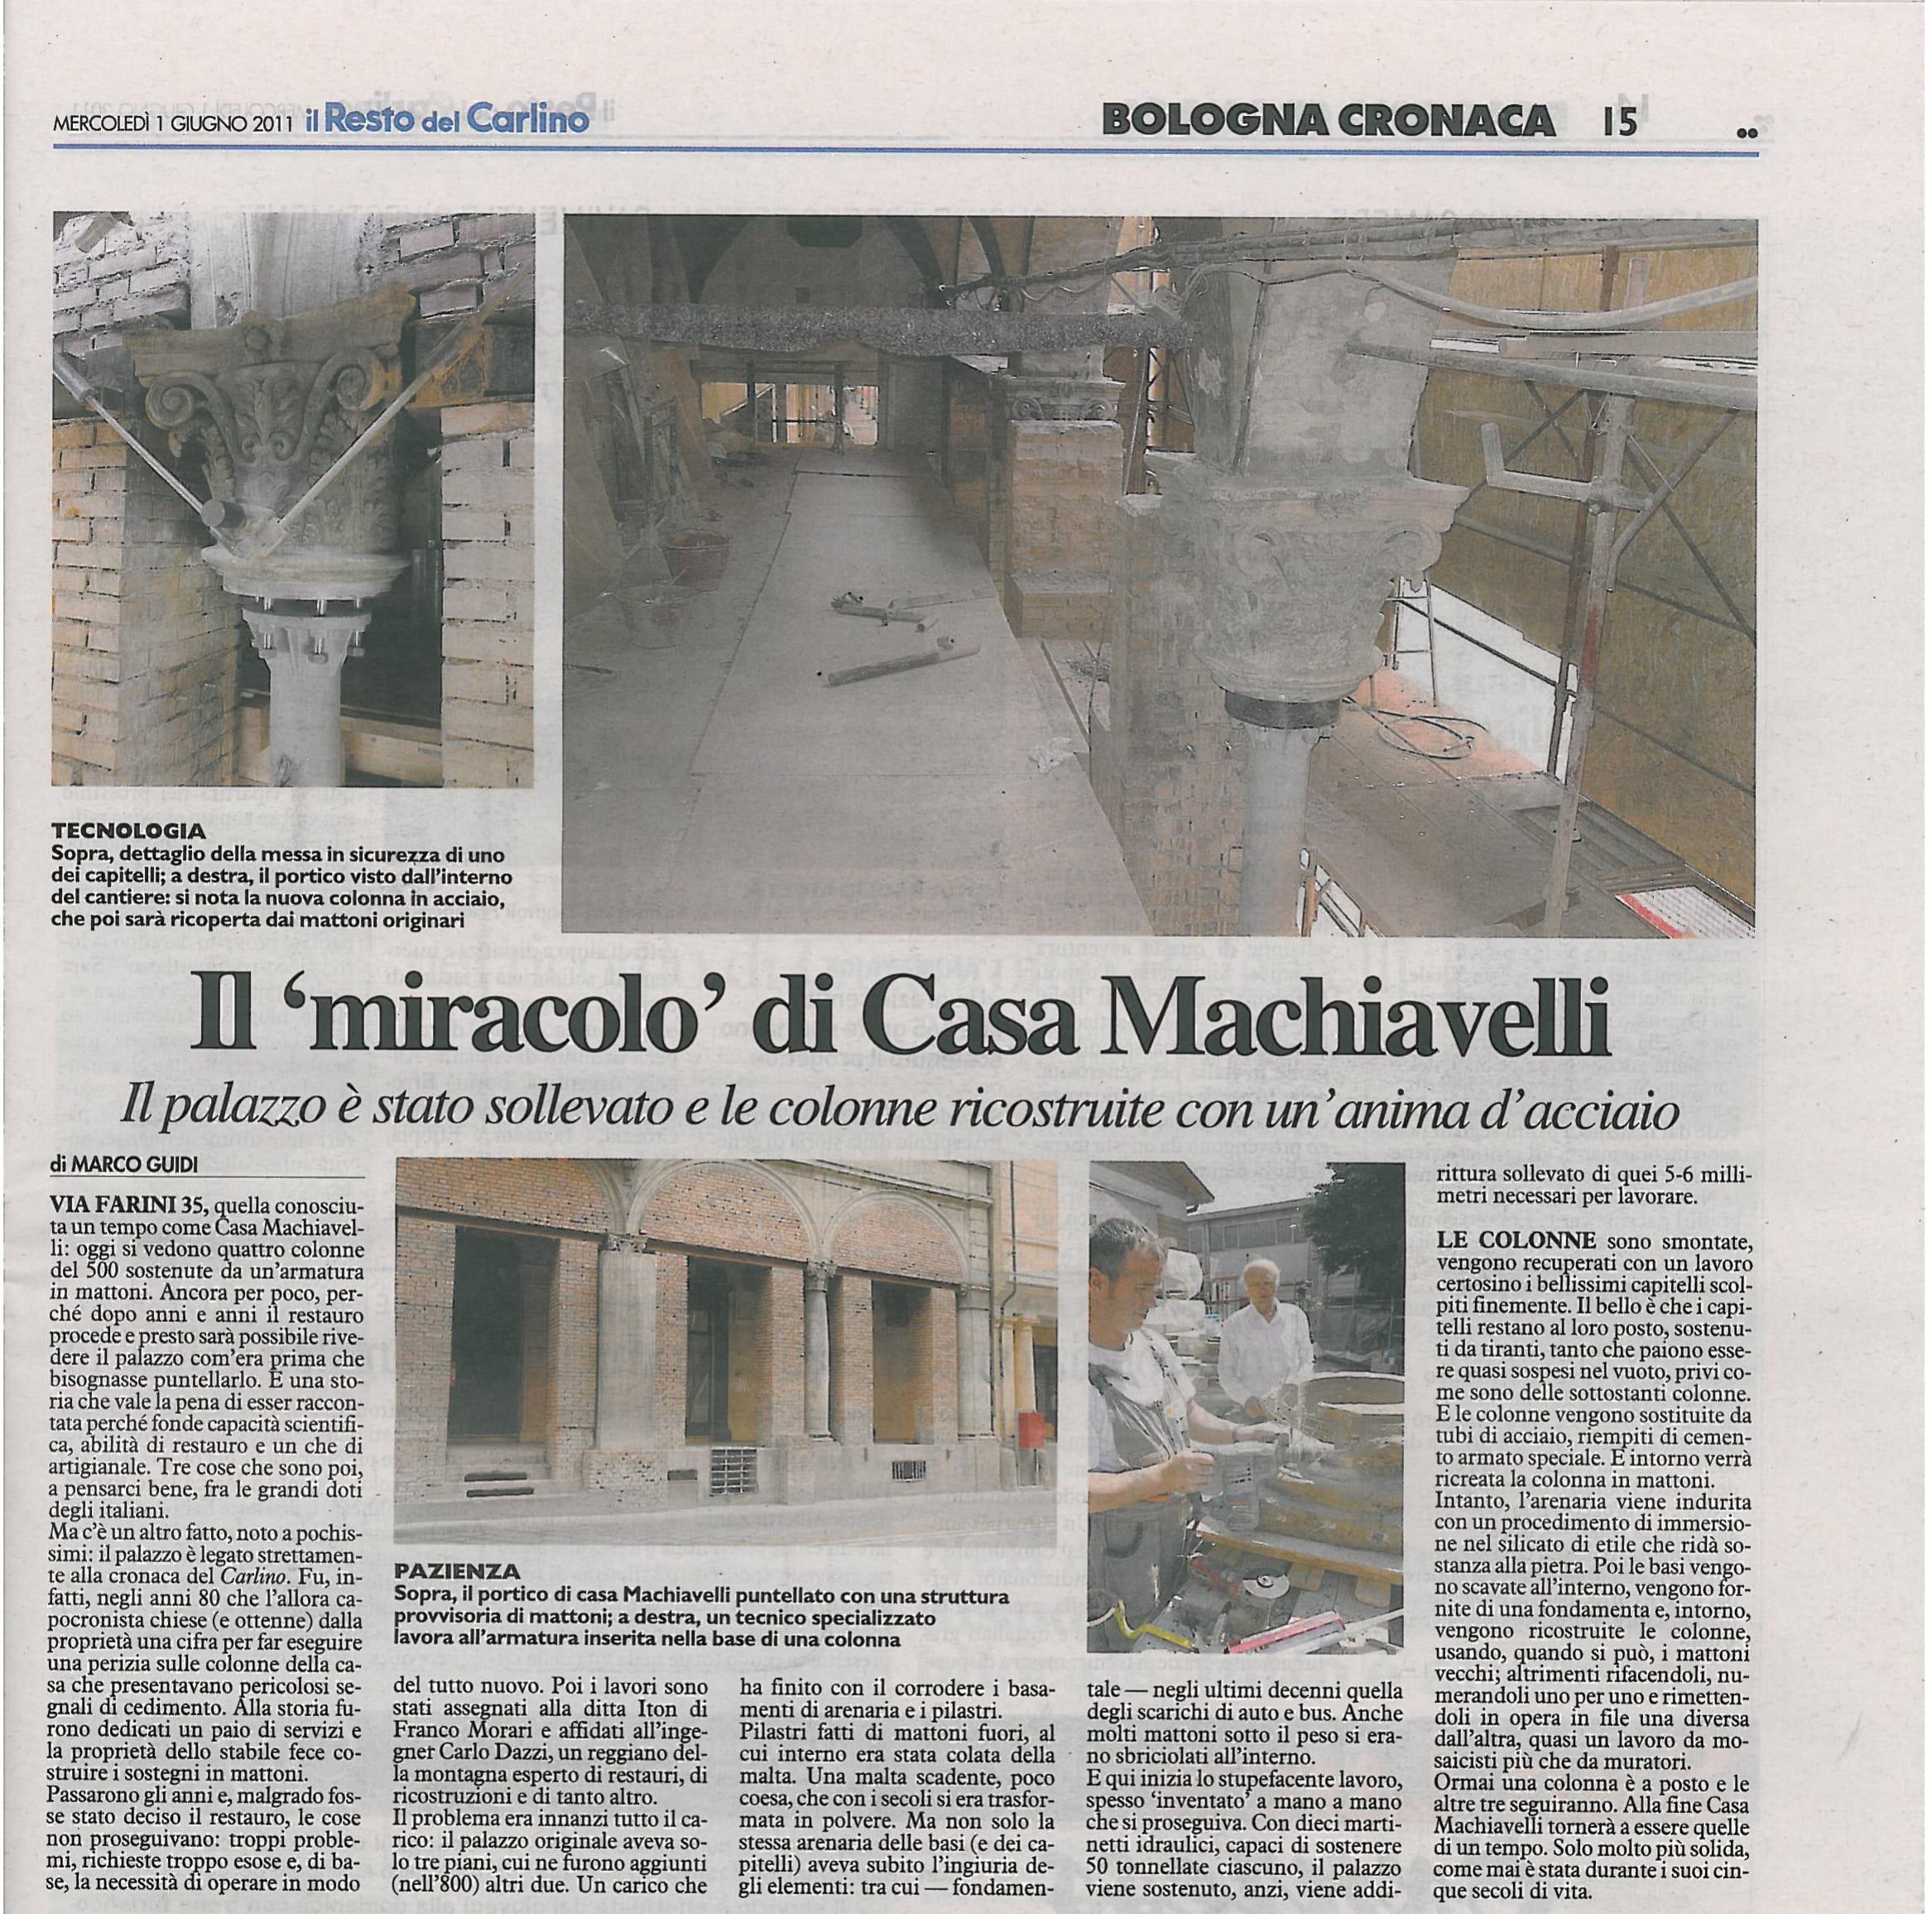 Il resto del carlino, il miracolo di Casa Macchiavelli. Il palazzo è stato sollevato e ricostruite le colonne con un'anima d'acciaio. Particolare intervento in Via Farini a Bologna dell'azienda specializzata ITON SRL